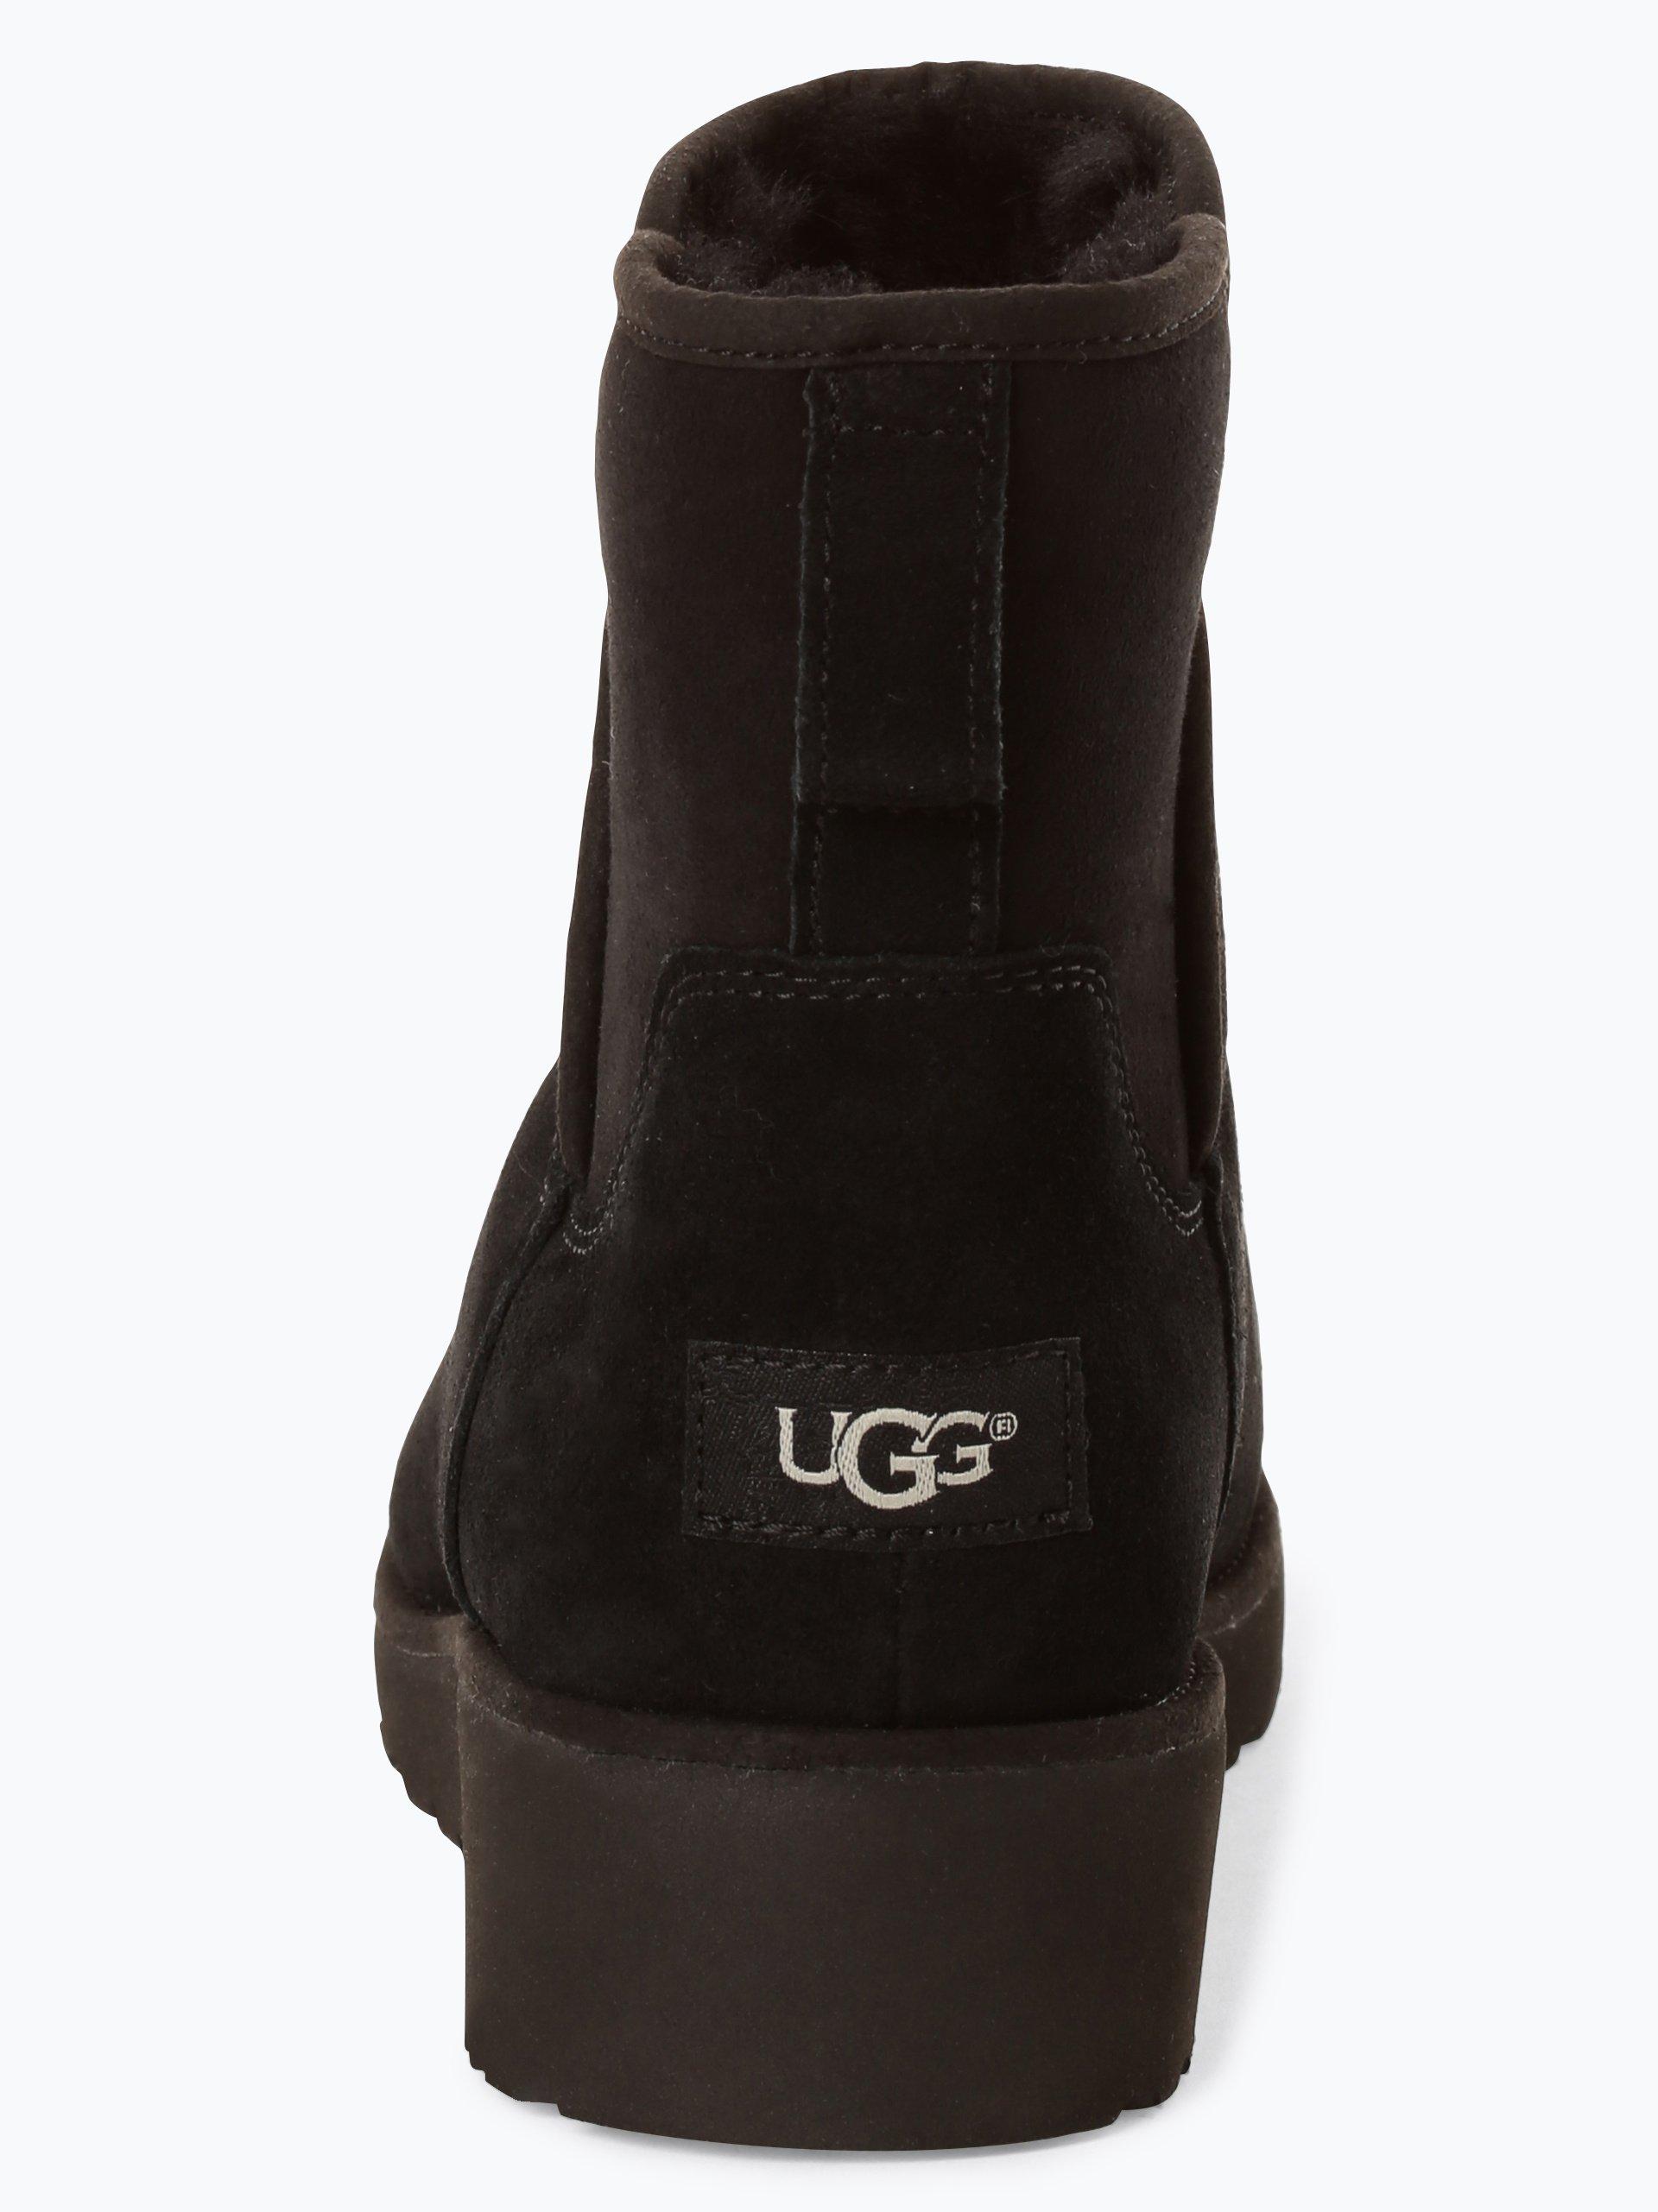 UGG Damen Boots aus Leder - Kristin